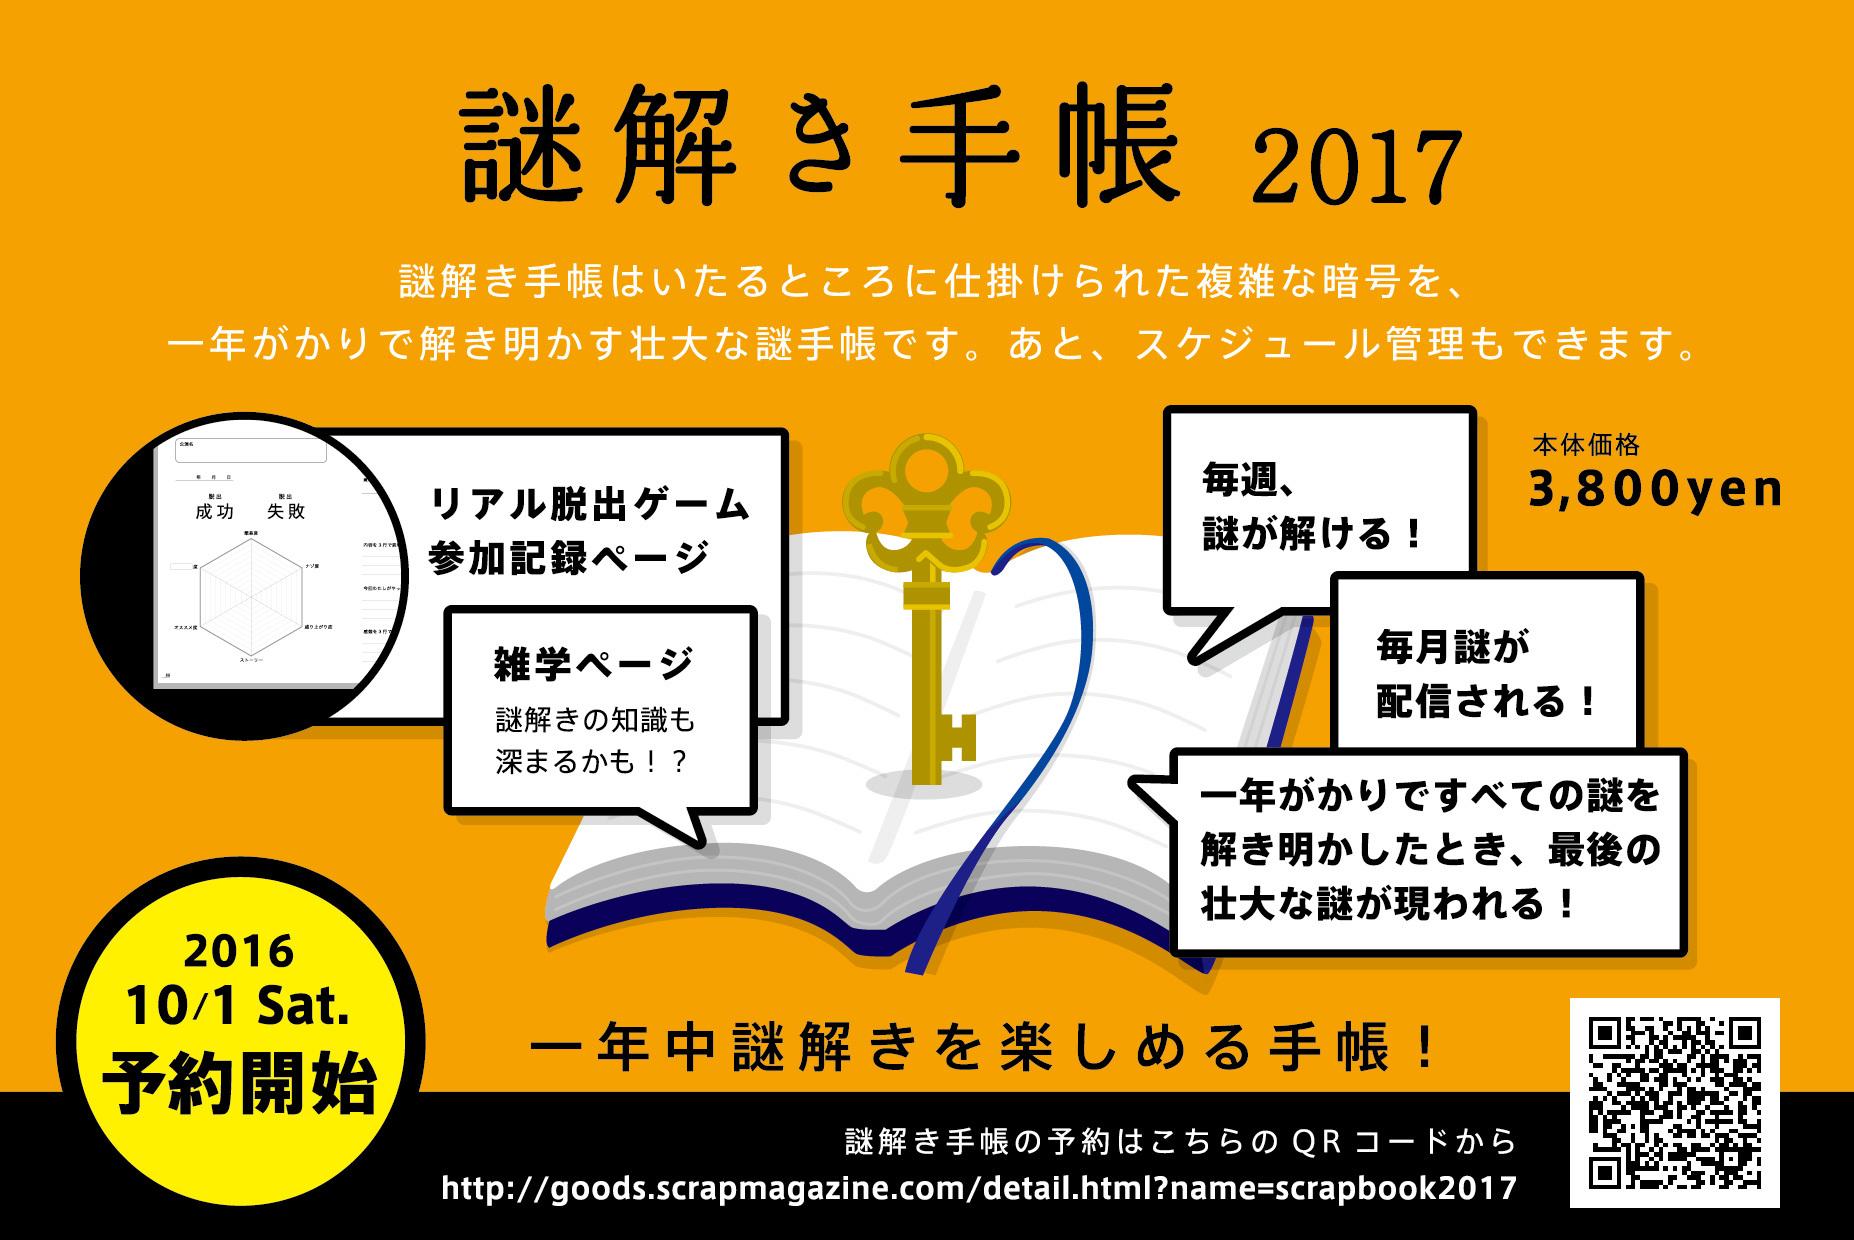 『謎解き手帳2017』